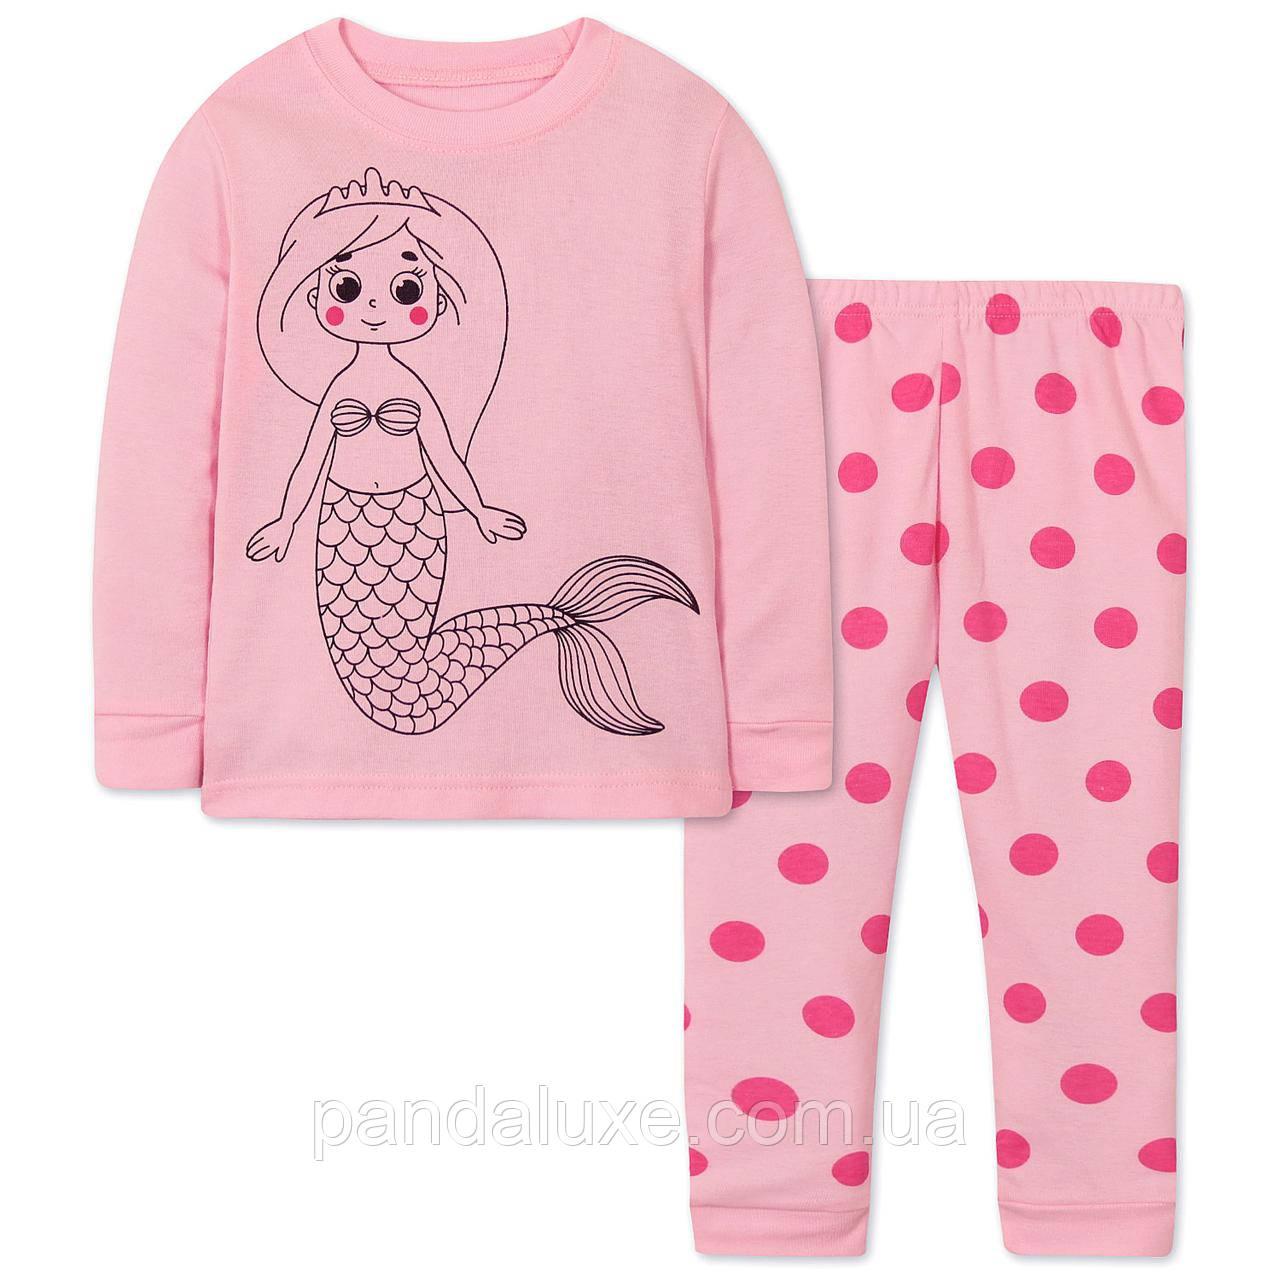 1d0756dca205c Изготовлена пижама из хлопка — мягкого, гипоаллергенного, обладающего  хорошей воздухопроницаемостью материала.